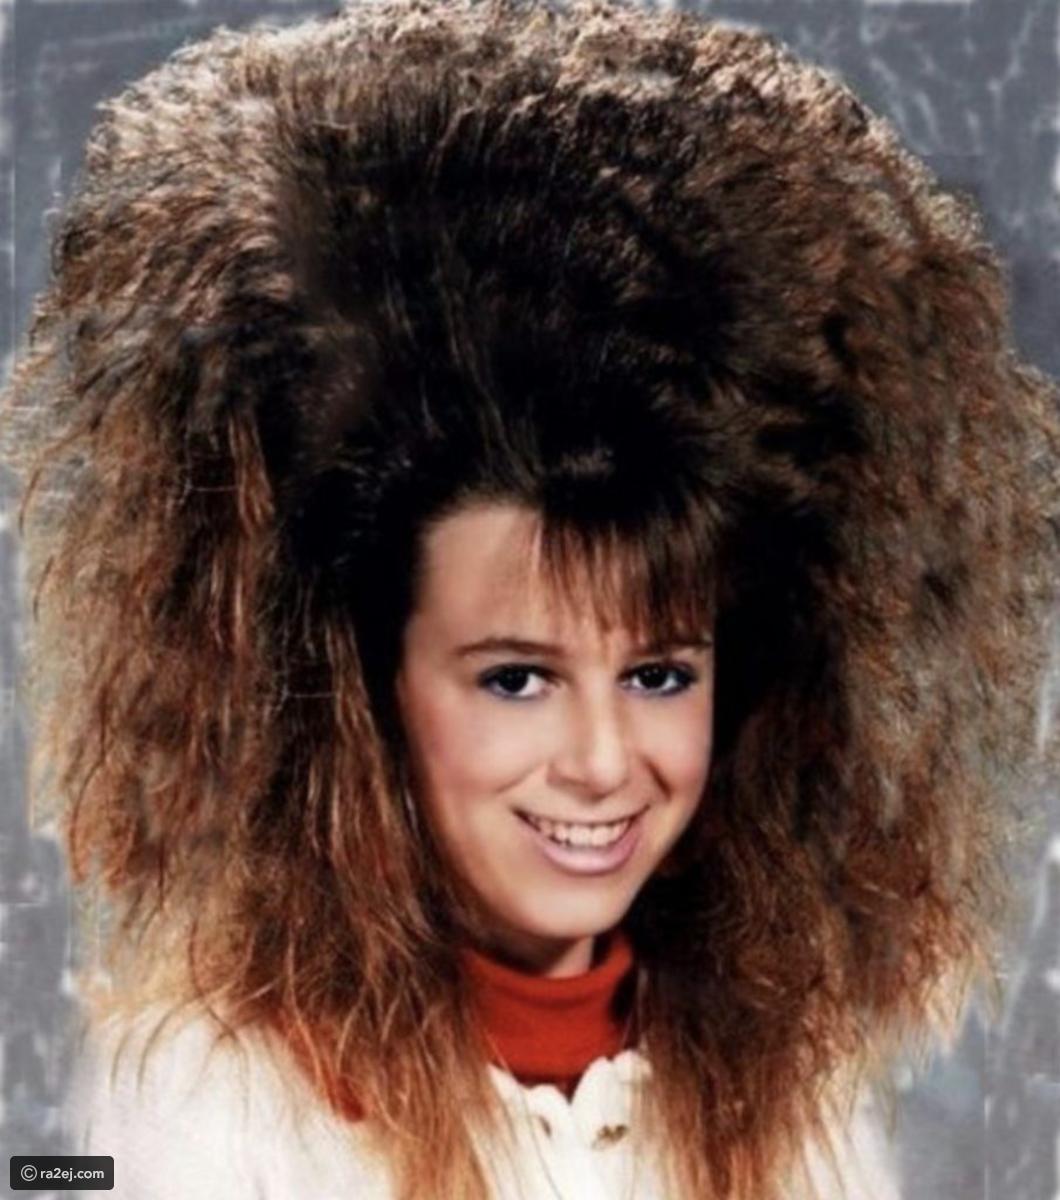 صور مضحكة كأنها من كوكب آخر أغرب وأضخم تسريحات الشعر في الثمانينات